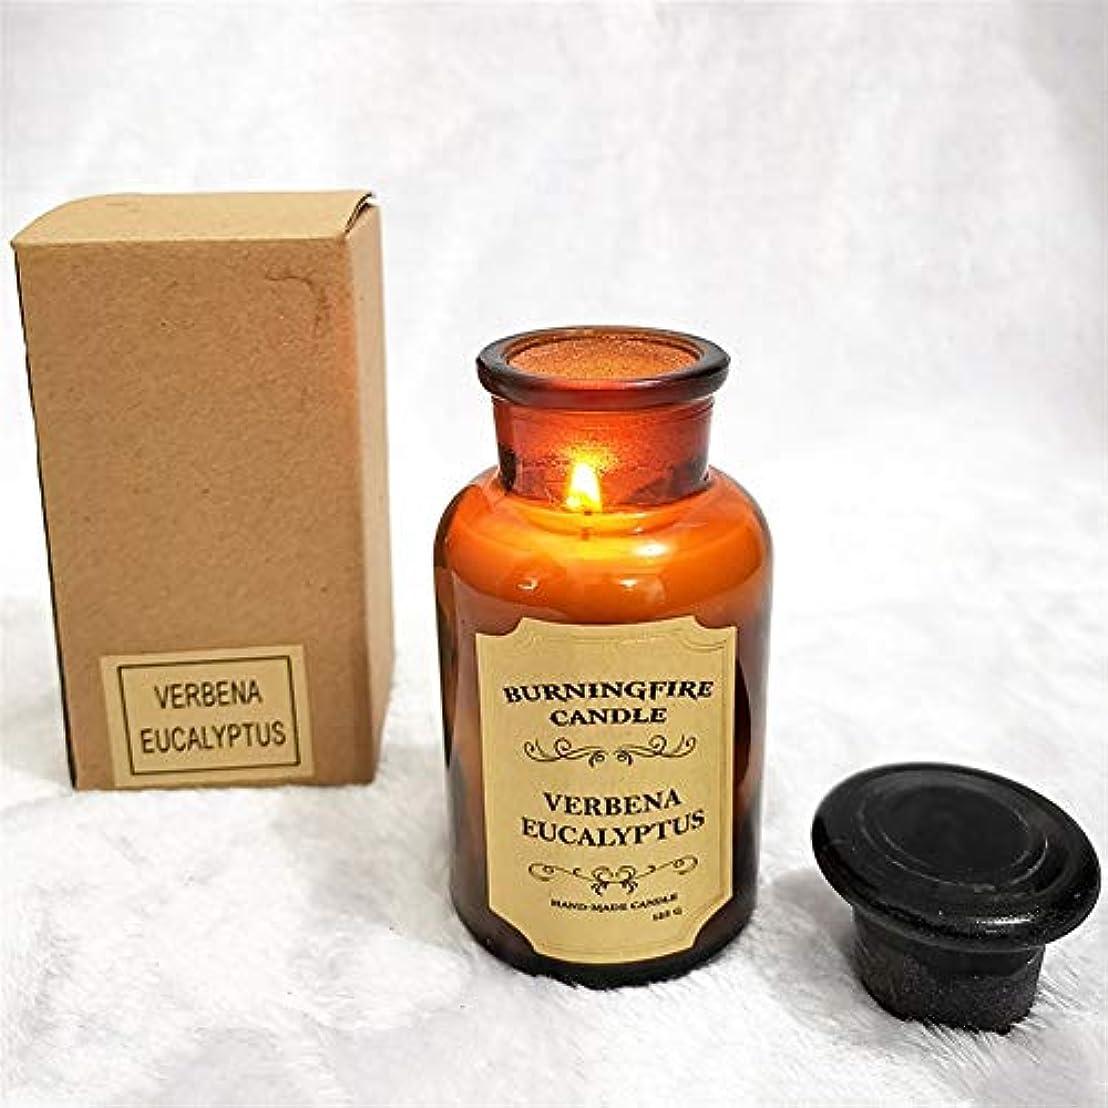 どうしたの資本主義に負けるGuomao 香り手作りギフトガラスローソク足ロマンチックな香りのキャンドル香りのキャンドル誕生日キャンドル (色 : Orange peel)